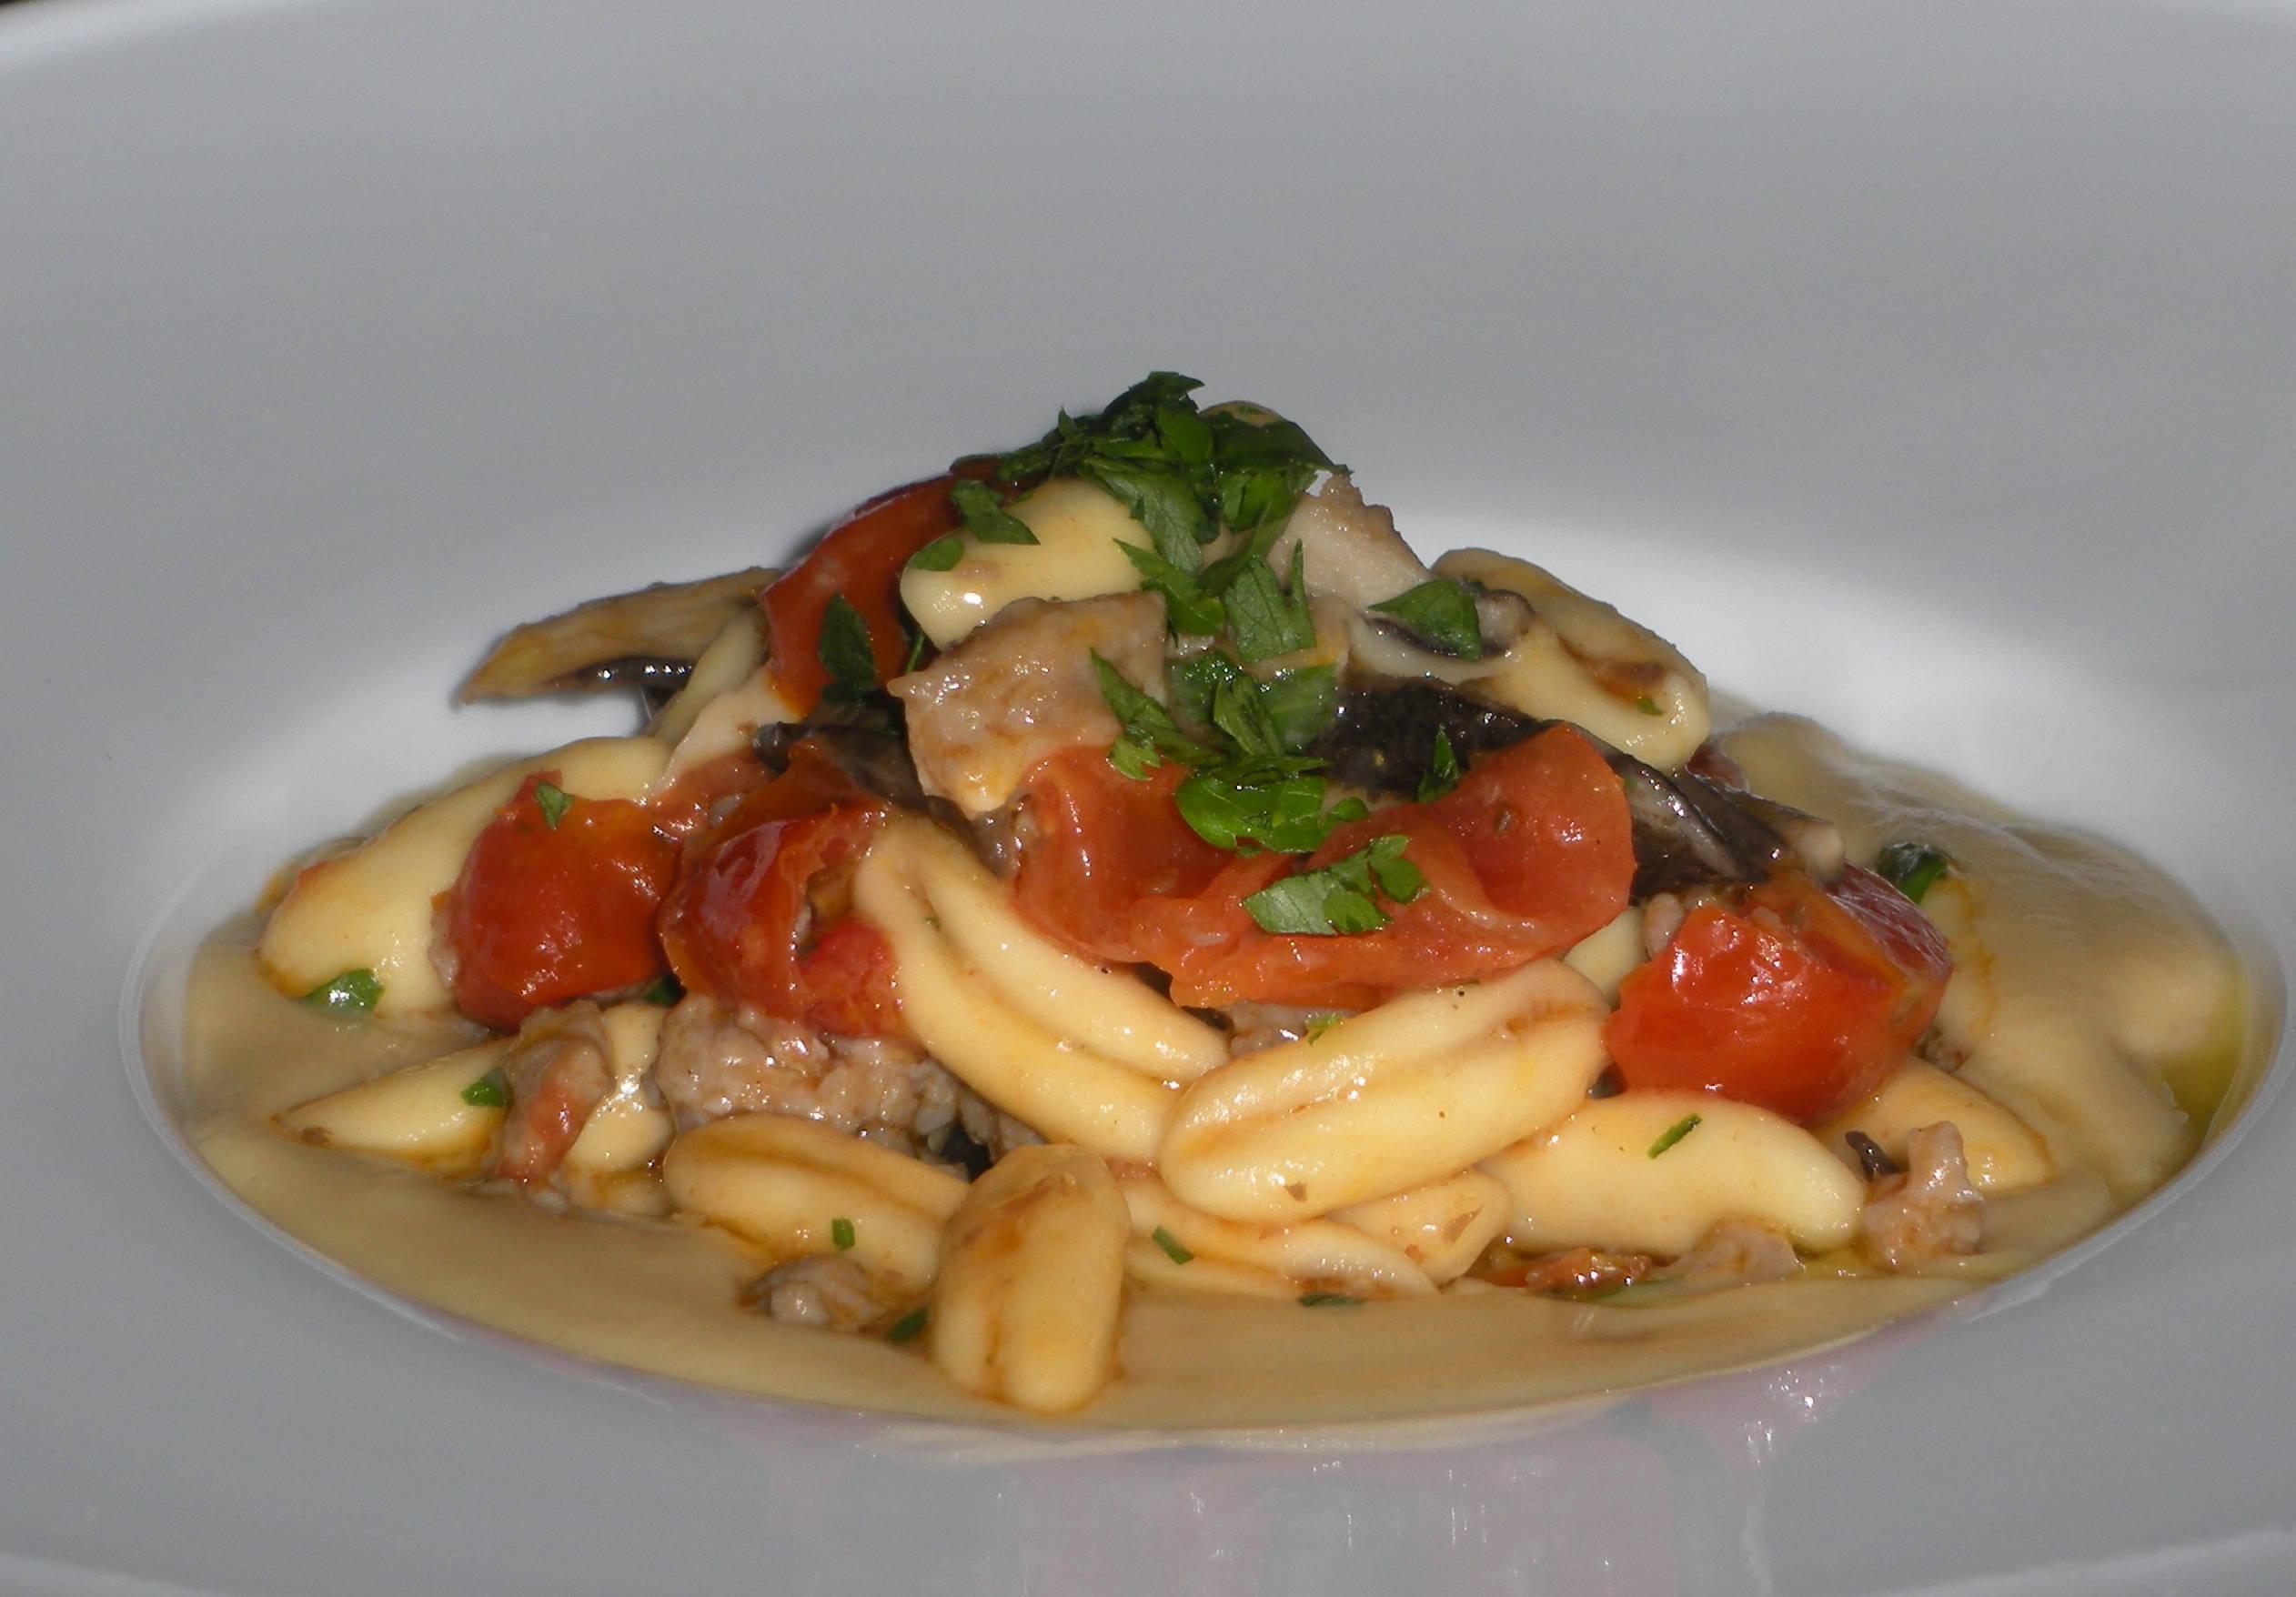 Cavatelli con salsiccia, funghi cardoncelli e pomodorini infornati su passata di ceci